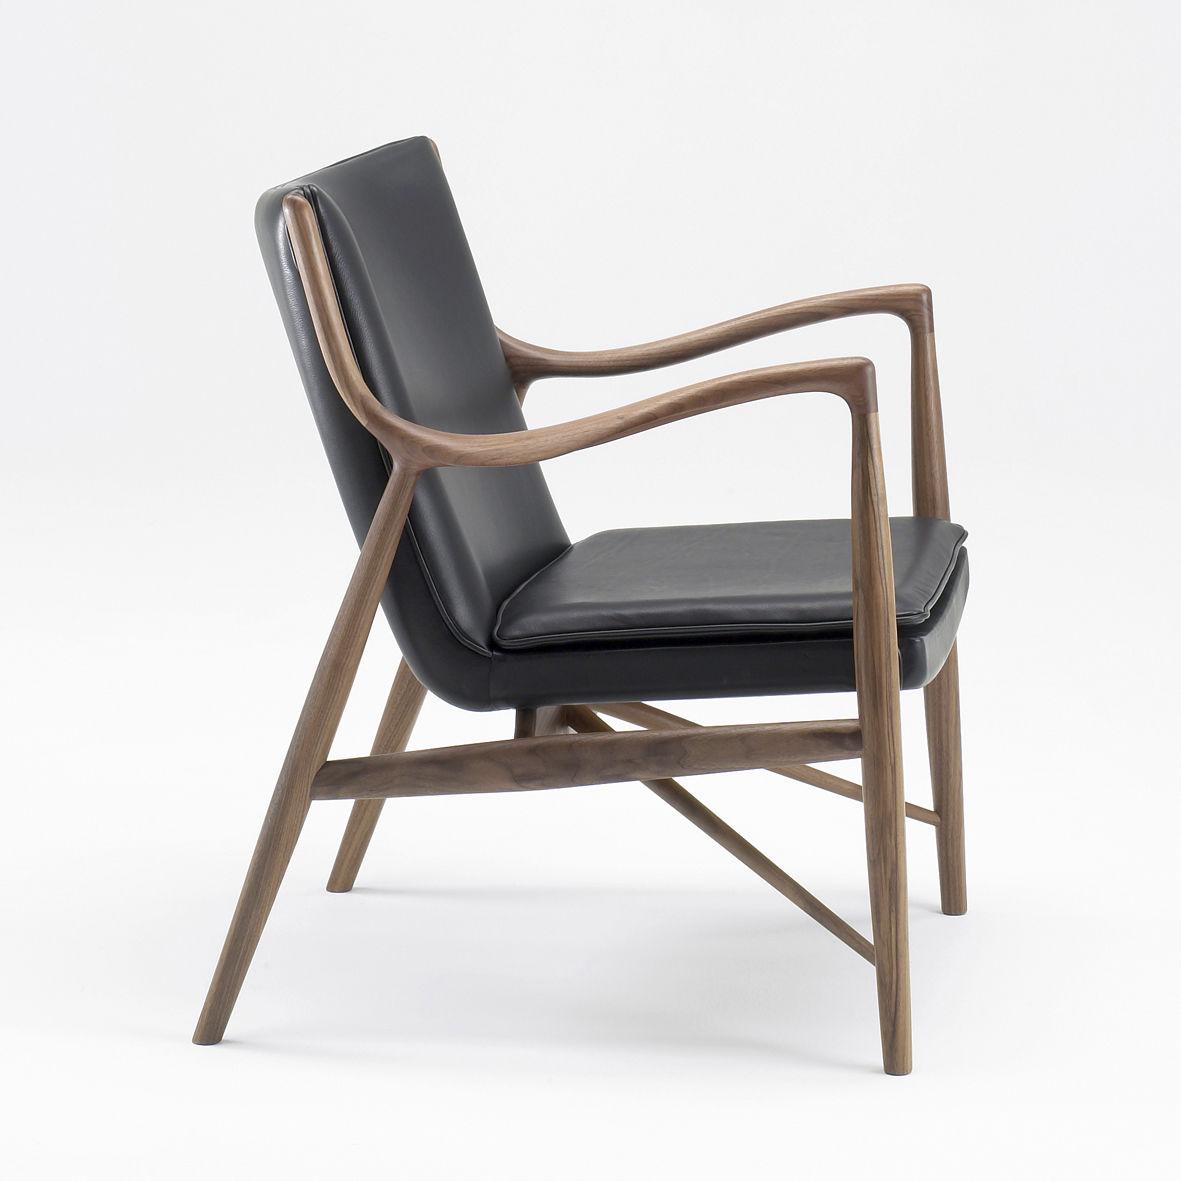 Sessel Skandinavisches Design Holz Stoff Leder 45 House